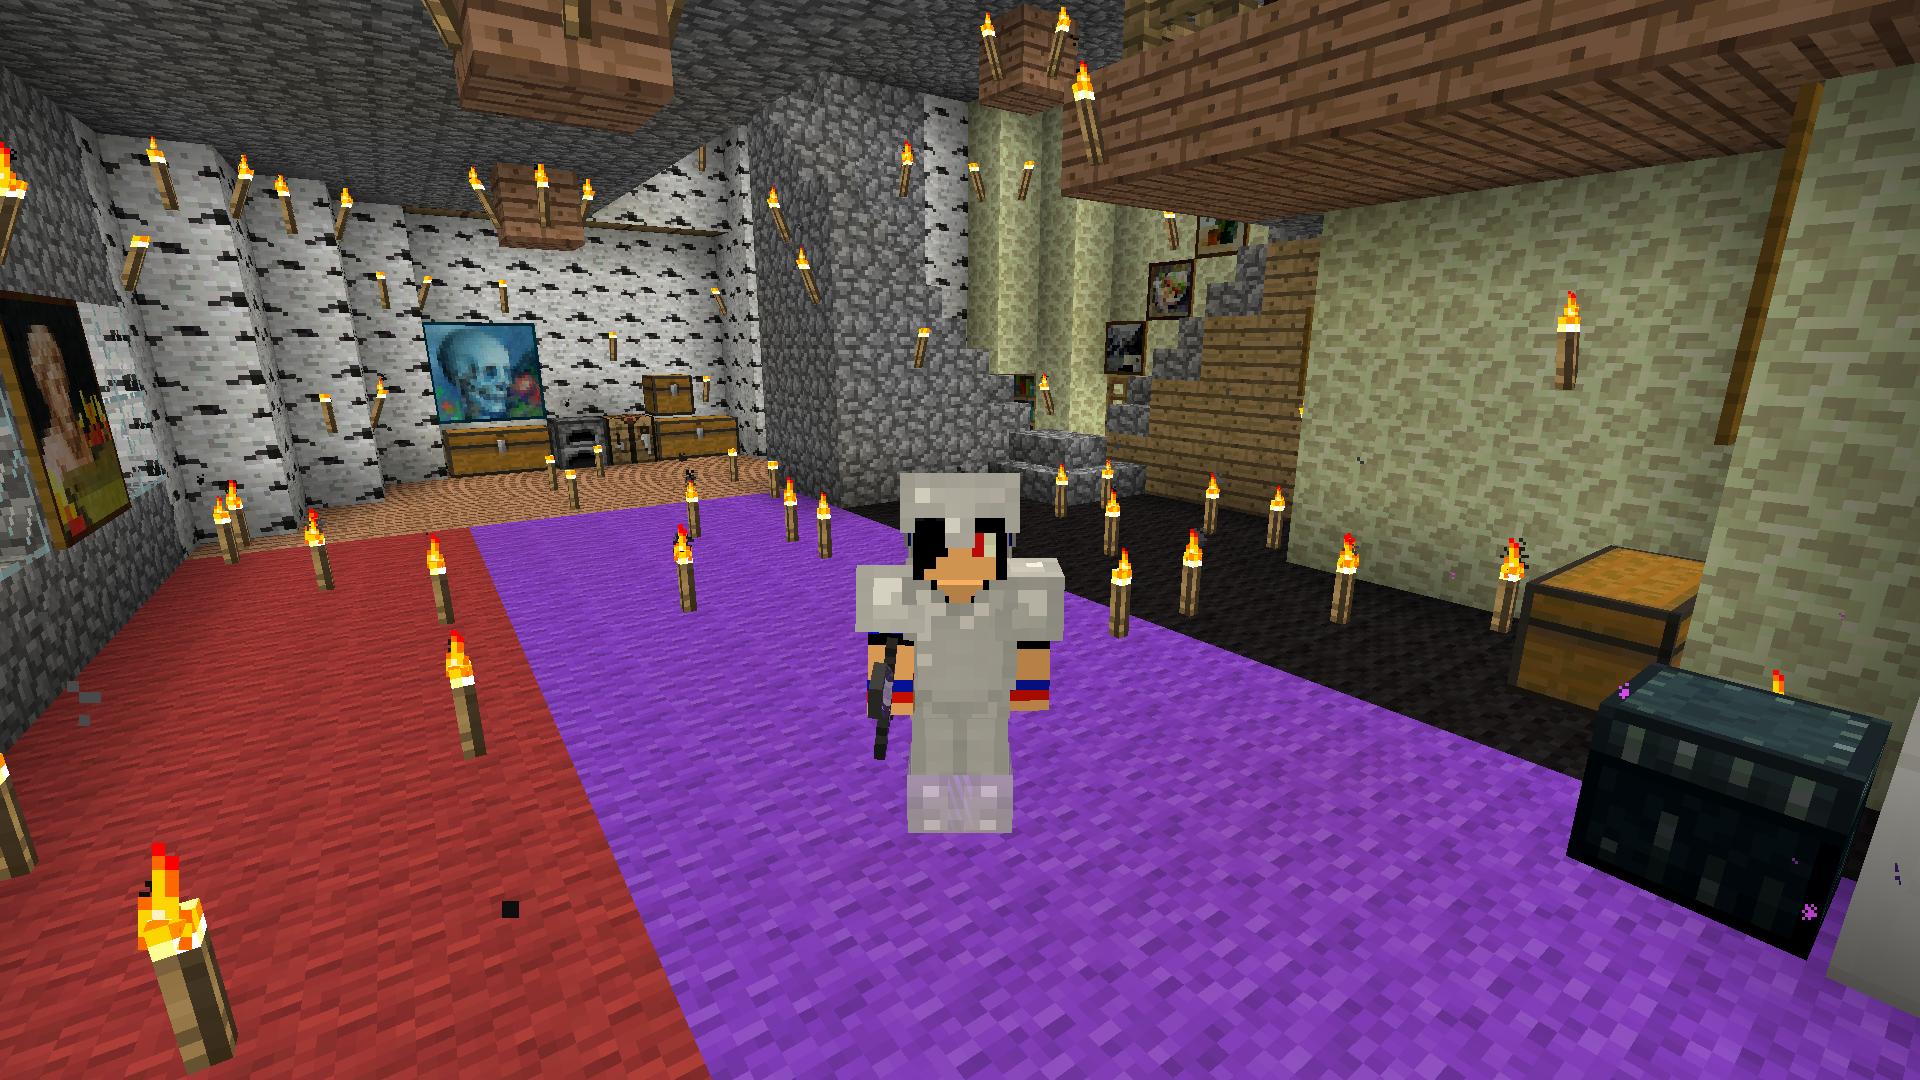 Creative build ideas ? - Creative Mode - Minecraft: Java ...